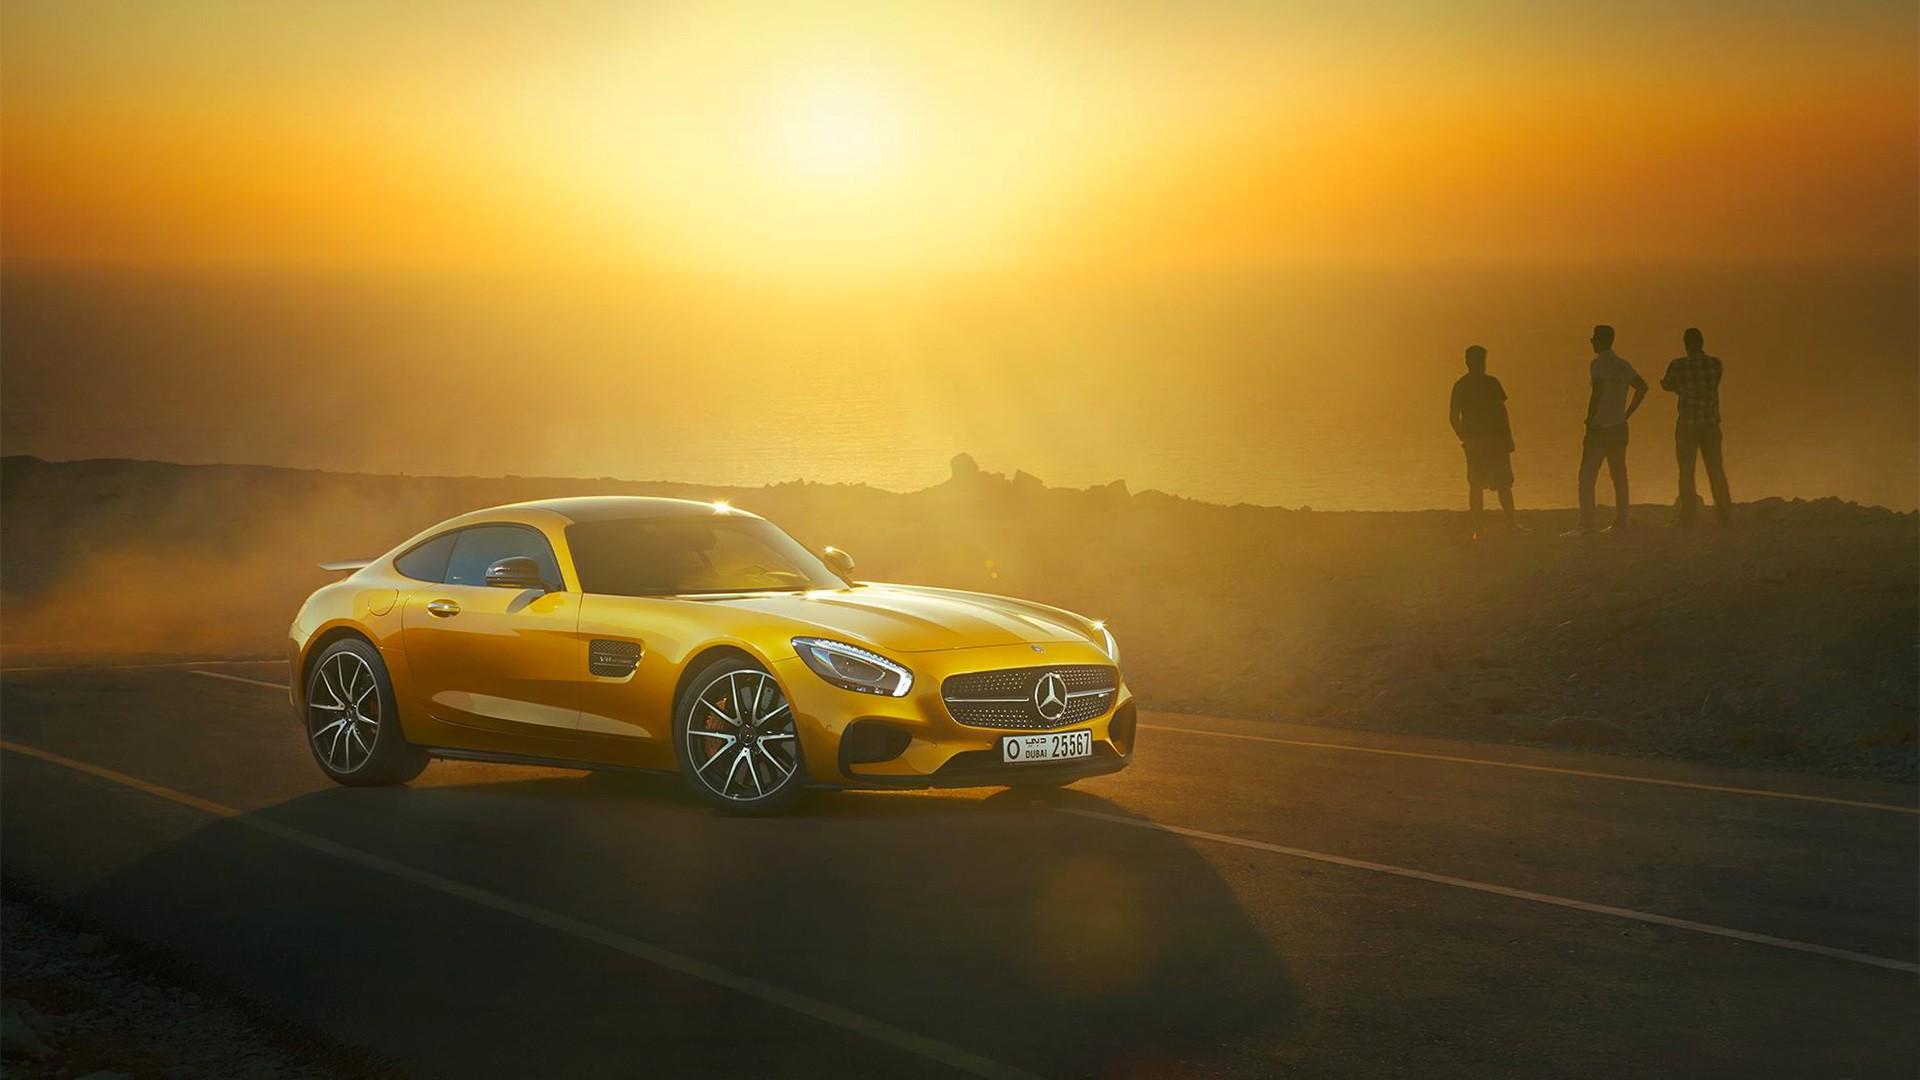 Mercedes Benz AMG GT S 2015 Wallpaper HD Car Wallpapers 1920x1080